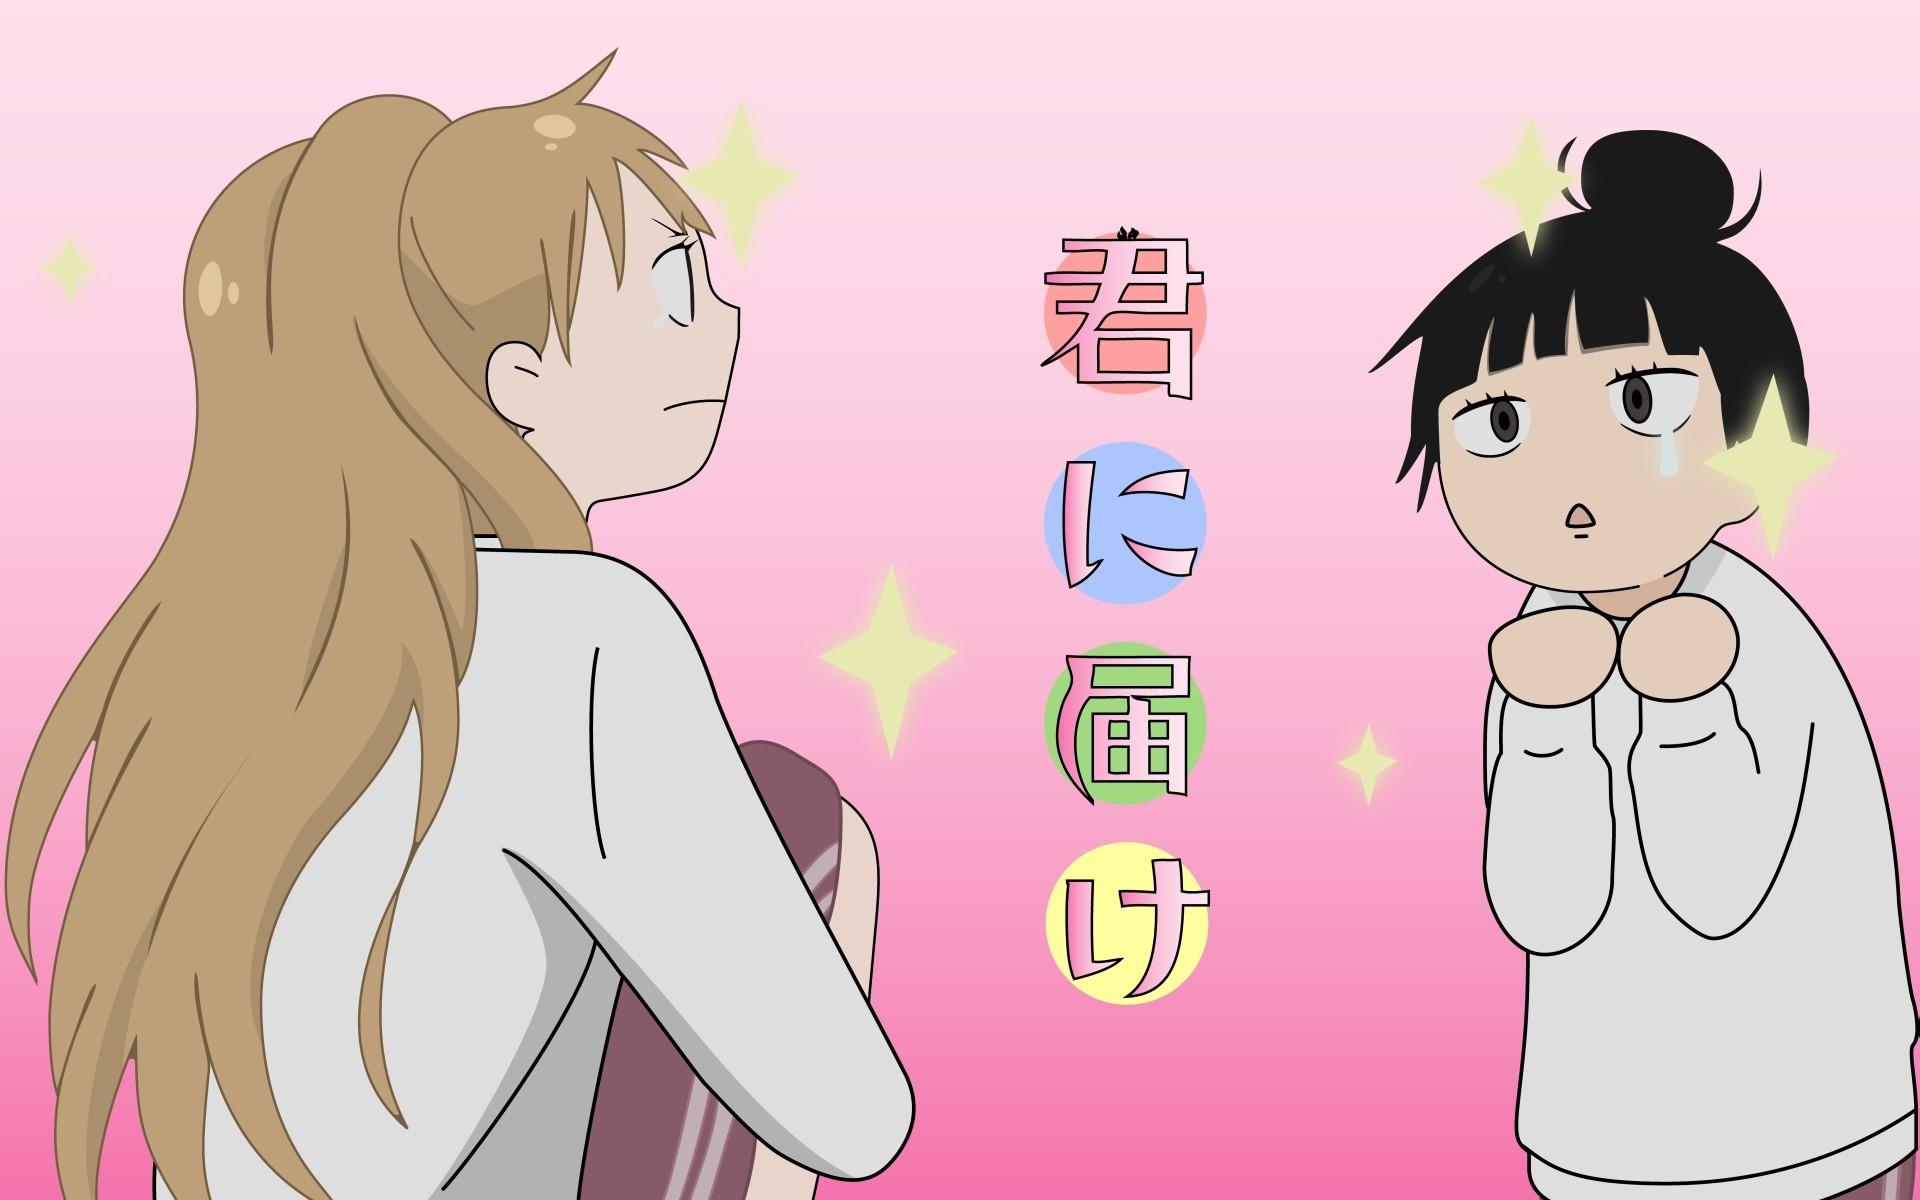 Sfondi : illustrazione anime girls cartone animato bocca naso